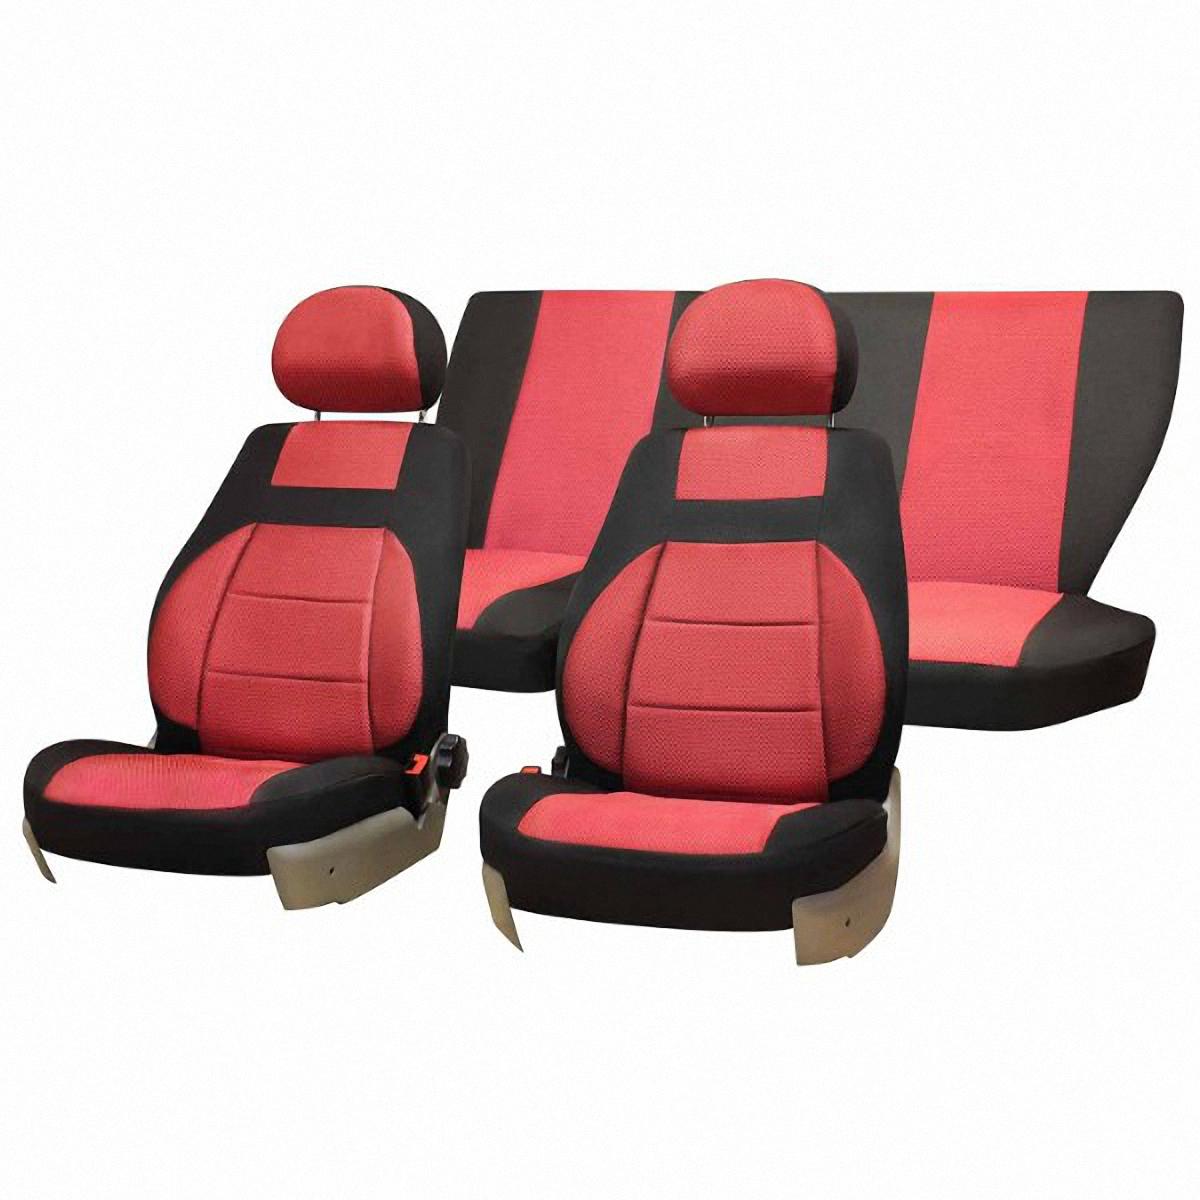 Чехол на сиденье Skyway ВАЗ-2107, 6 шт. V012-D3 комплект сцепления на ваз 2107